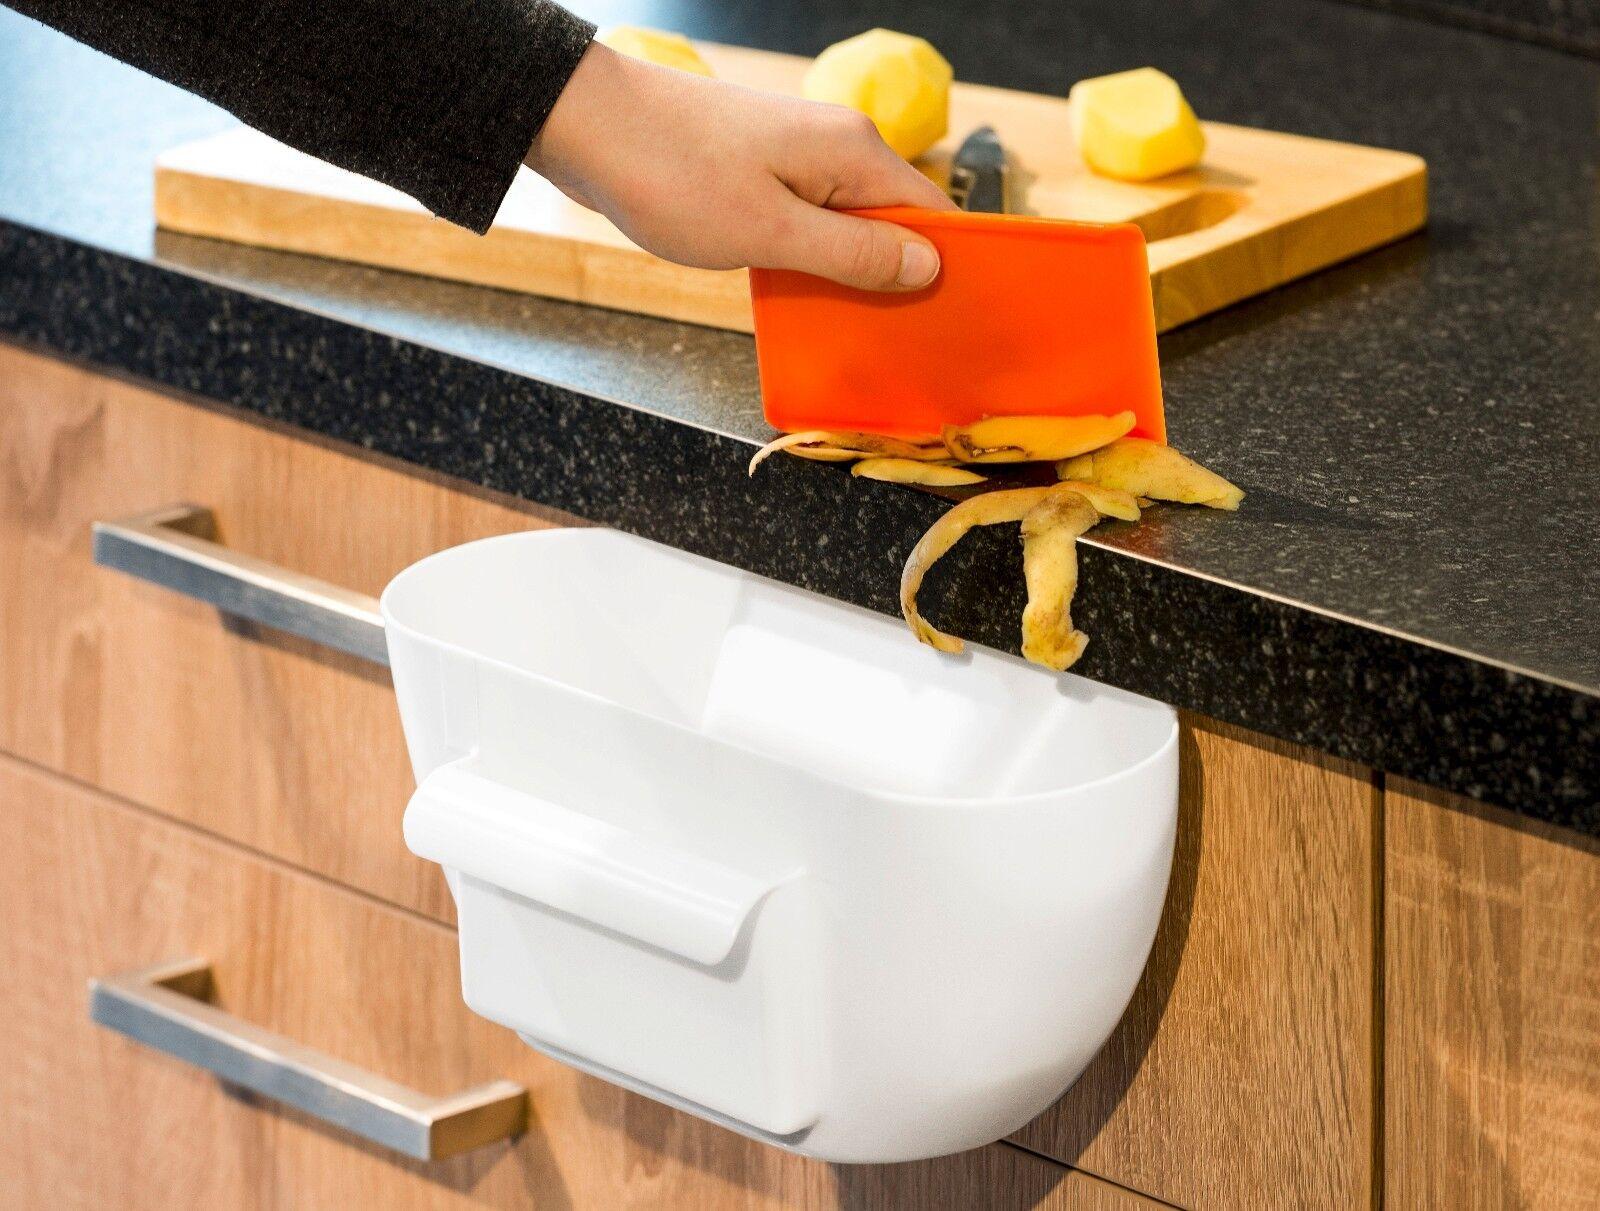 Küchenabfallbehälter Abfallbehälter Mülleimer Abfallsammler weiß NEU Küche